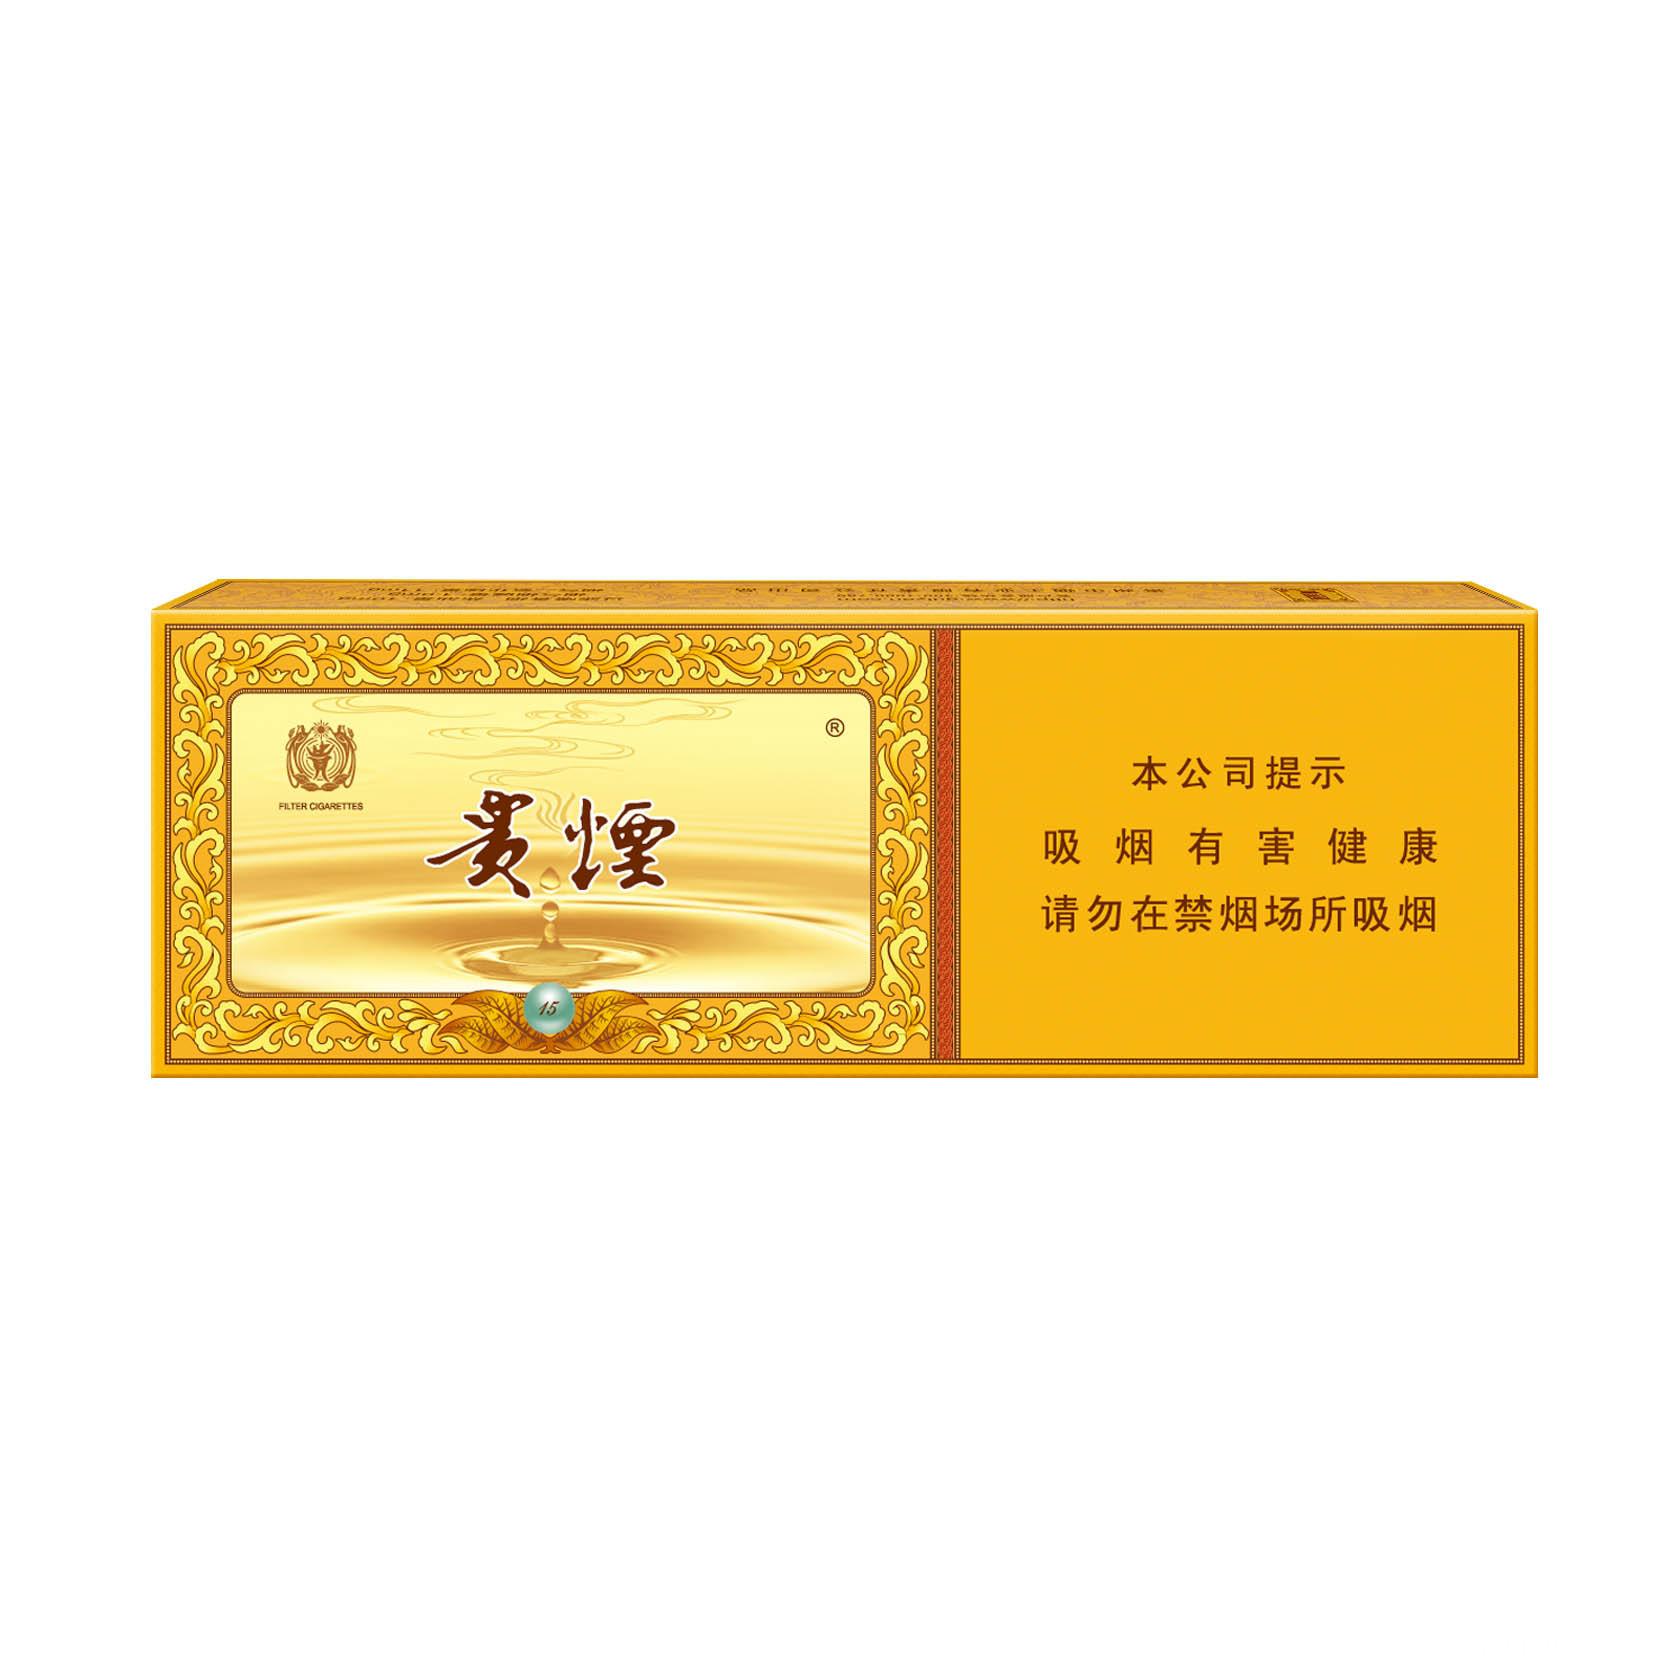 Как заказать сигареты из китая жидкость для электронных сигарет заказать москва